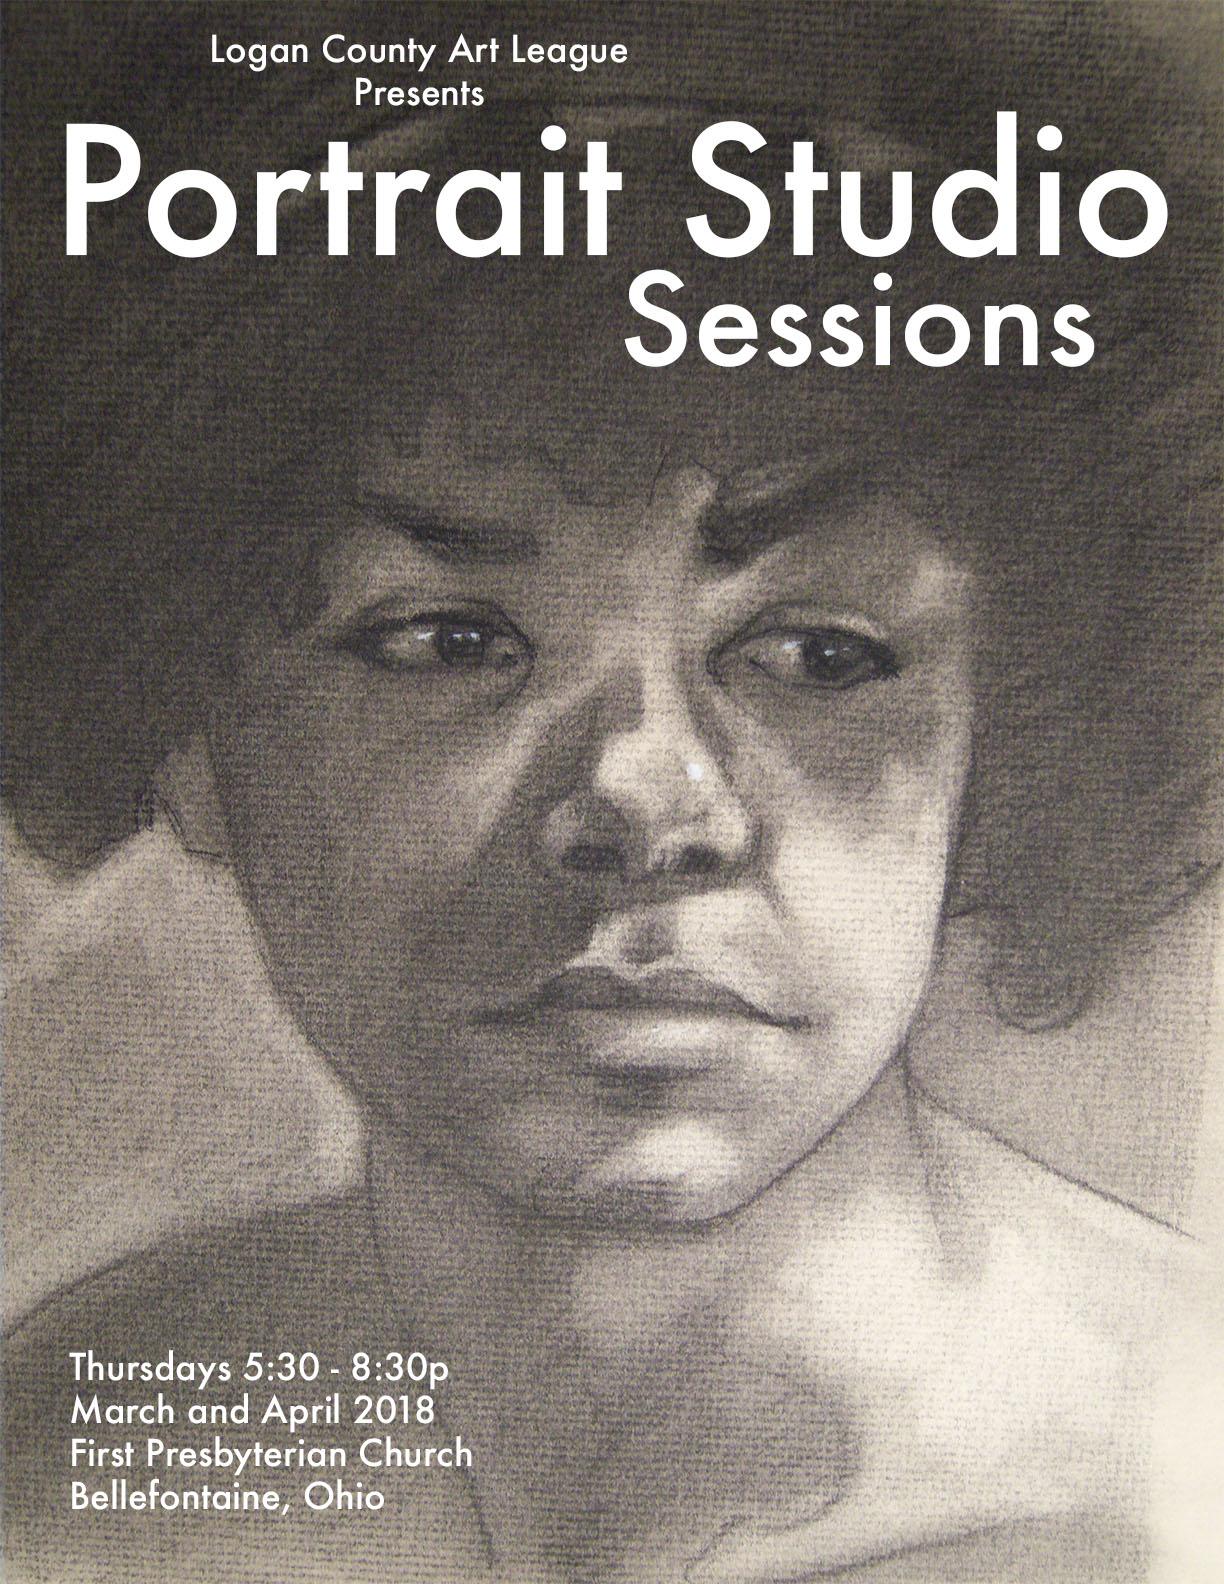 Live Model Portrait Sessions